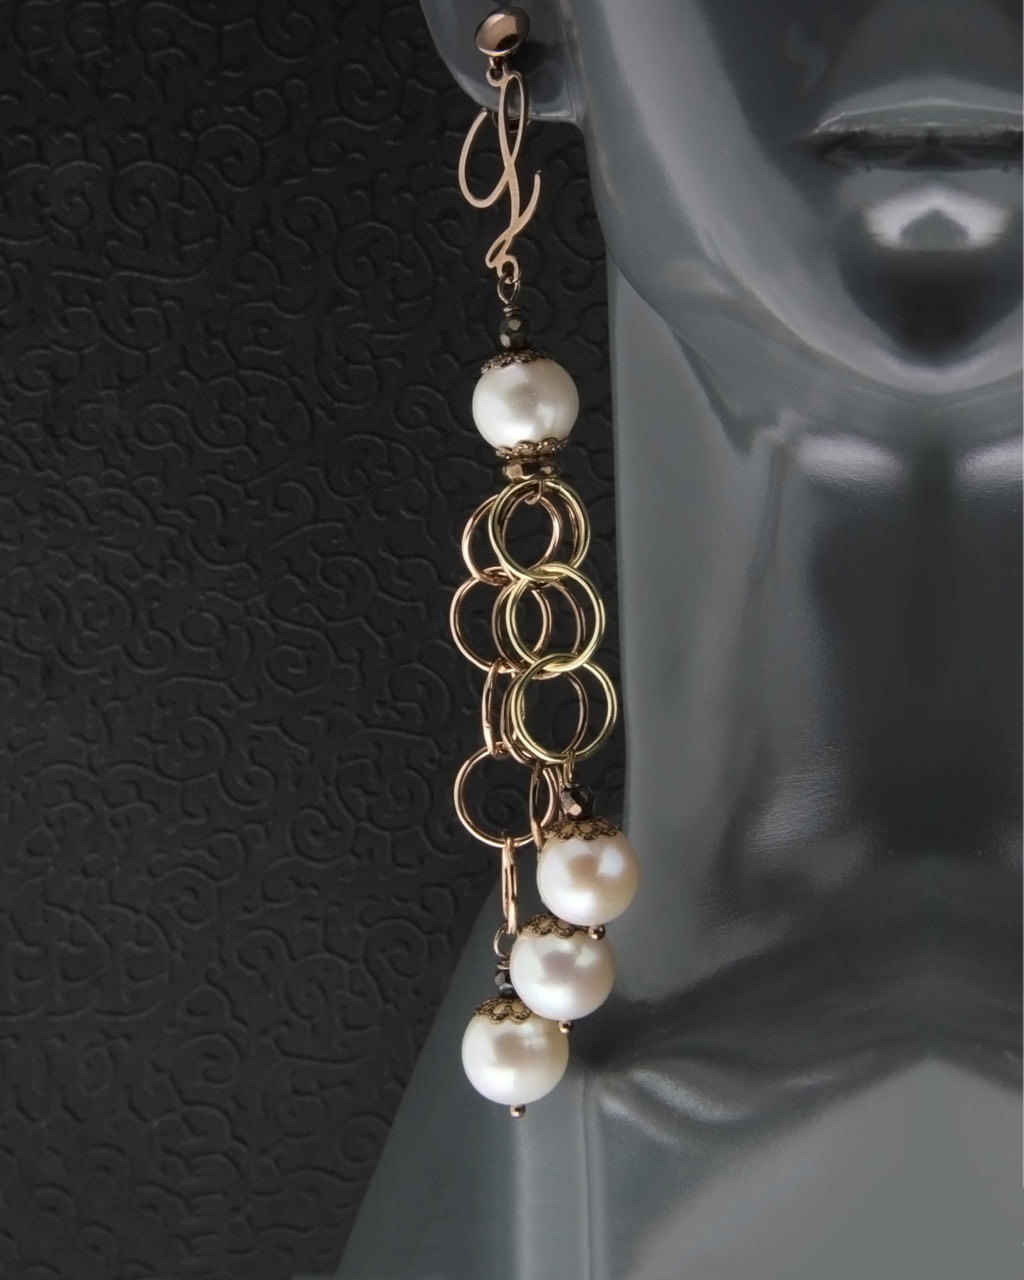 Σκουλαρίκια με Μαργαριτάρια   γυναικα σκουλαρίκια σκουλαρίκια μαργαριτάρια